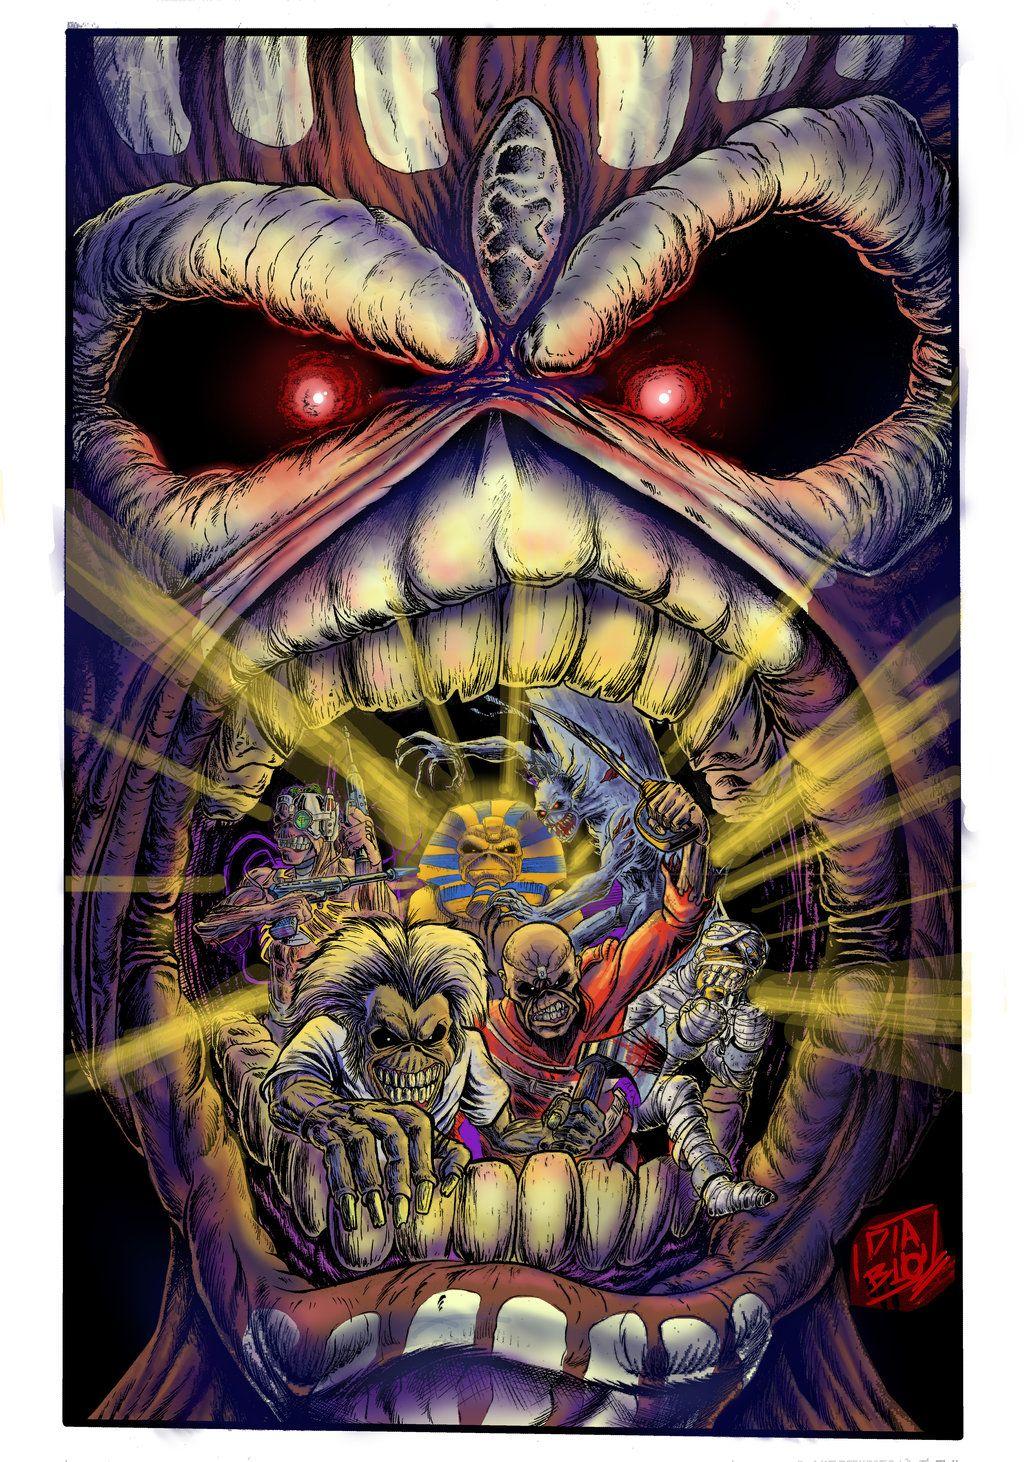 Book Of Souls By Eldiablochingon Deviantart Com On Deviantart Iron Maiden Eddie Iron Maiden Posters Iron Maiden Albums